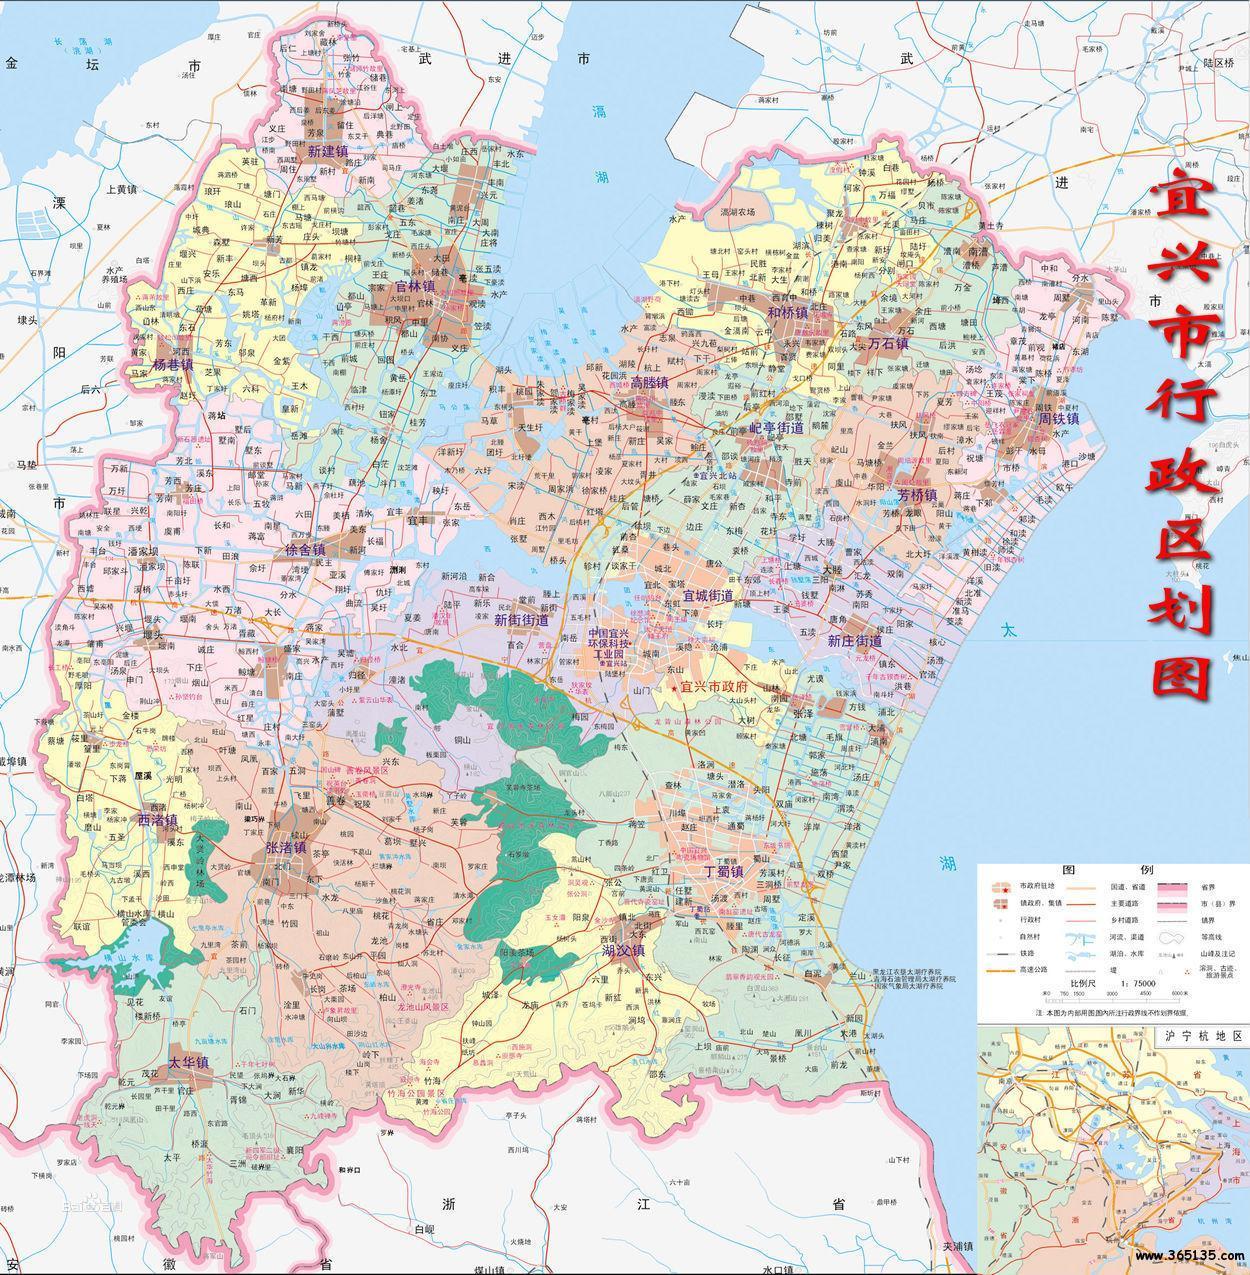 宜兴市行政区划图